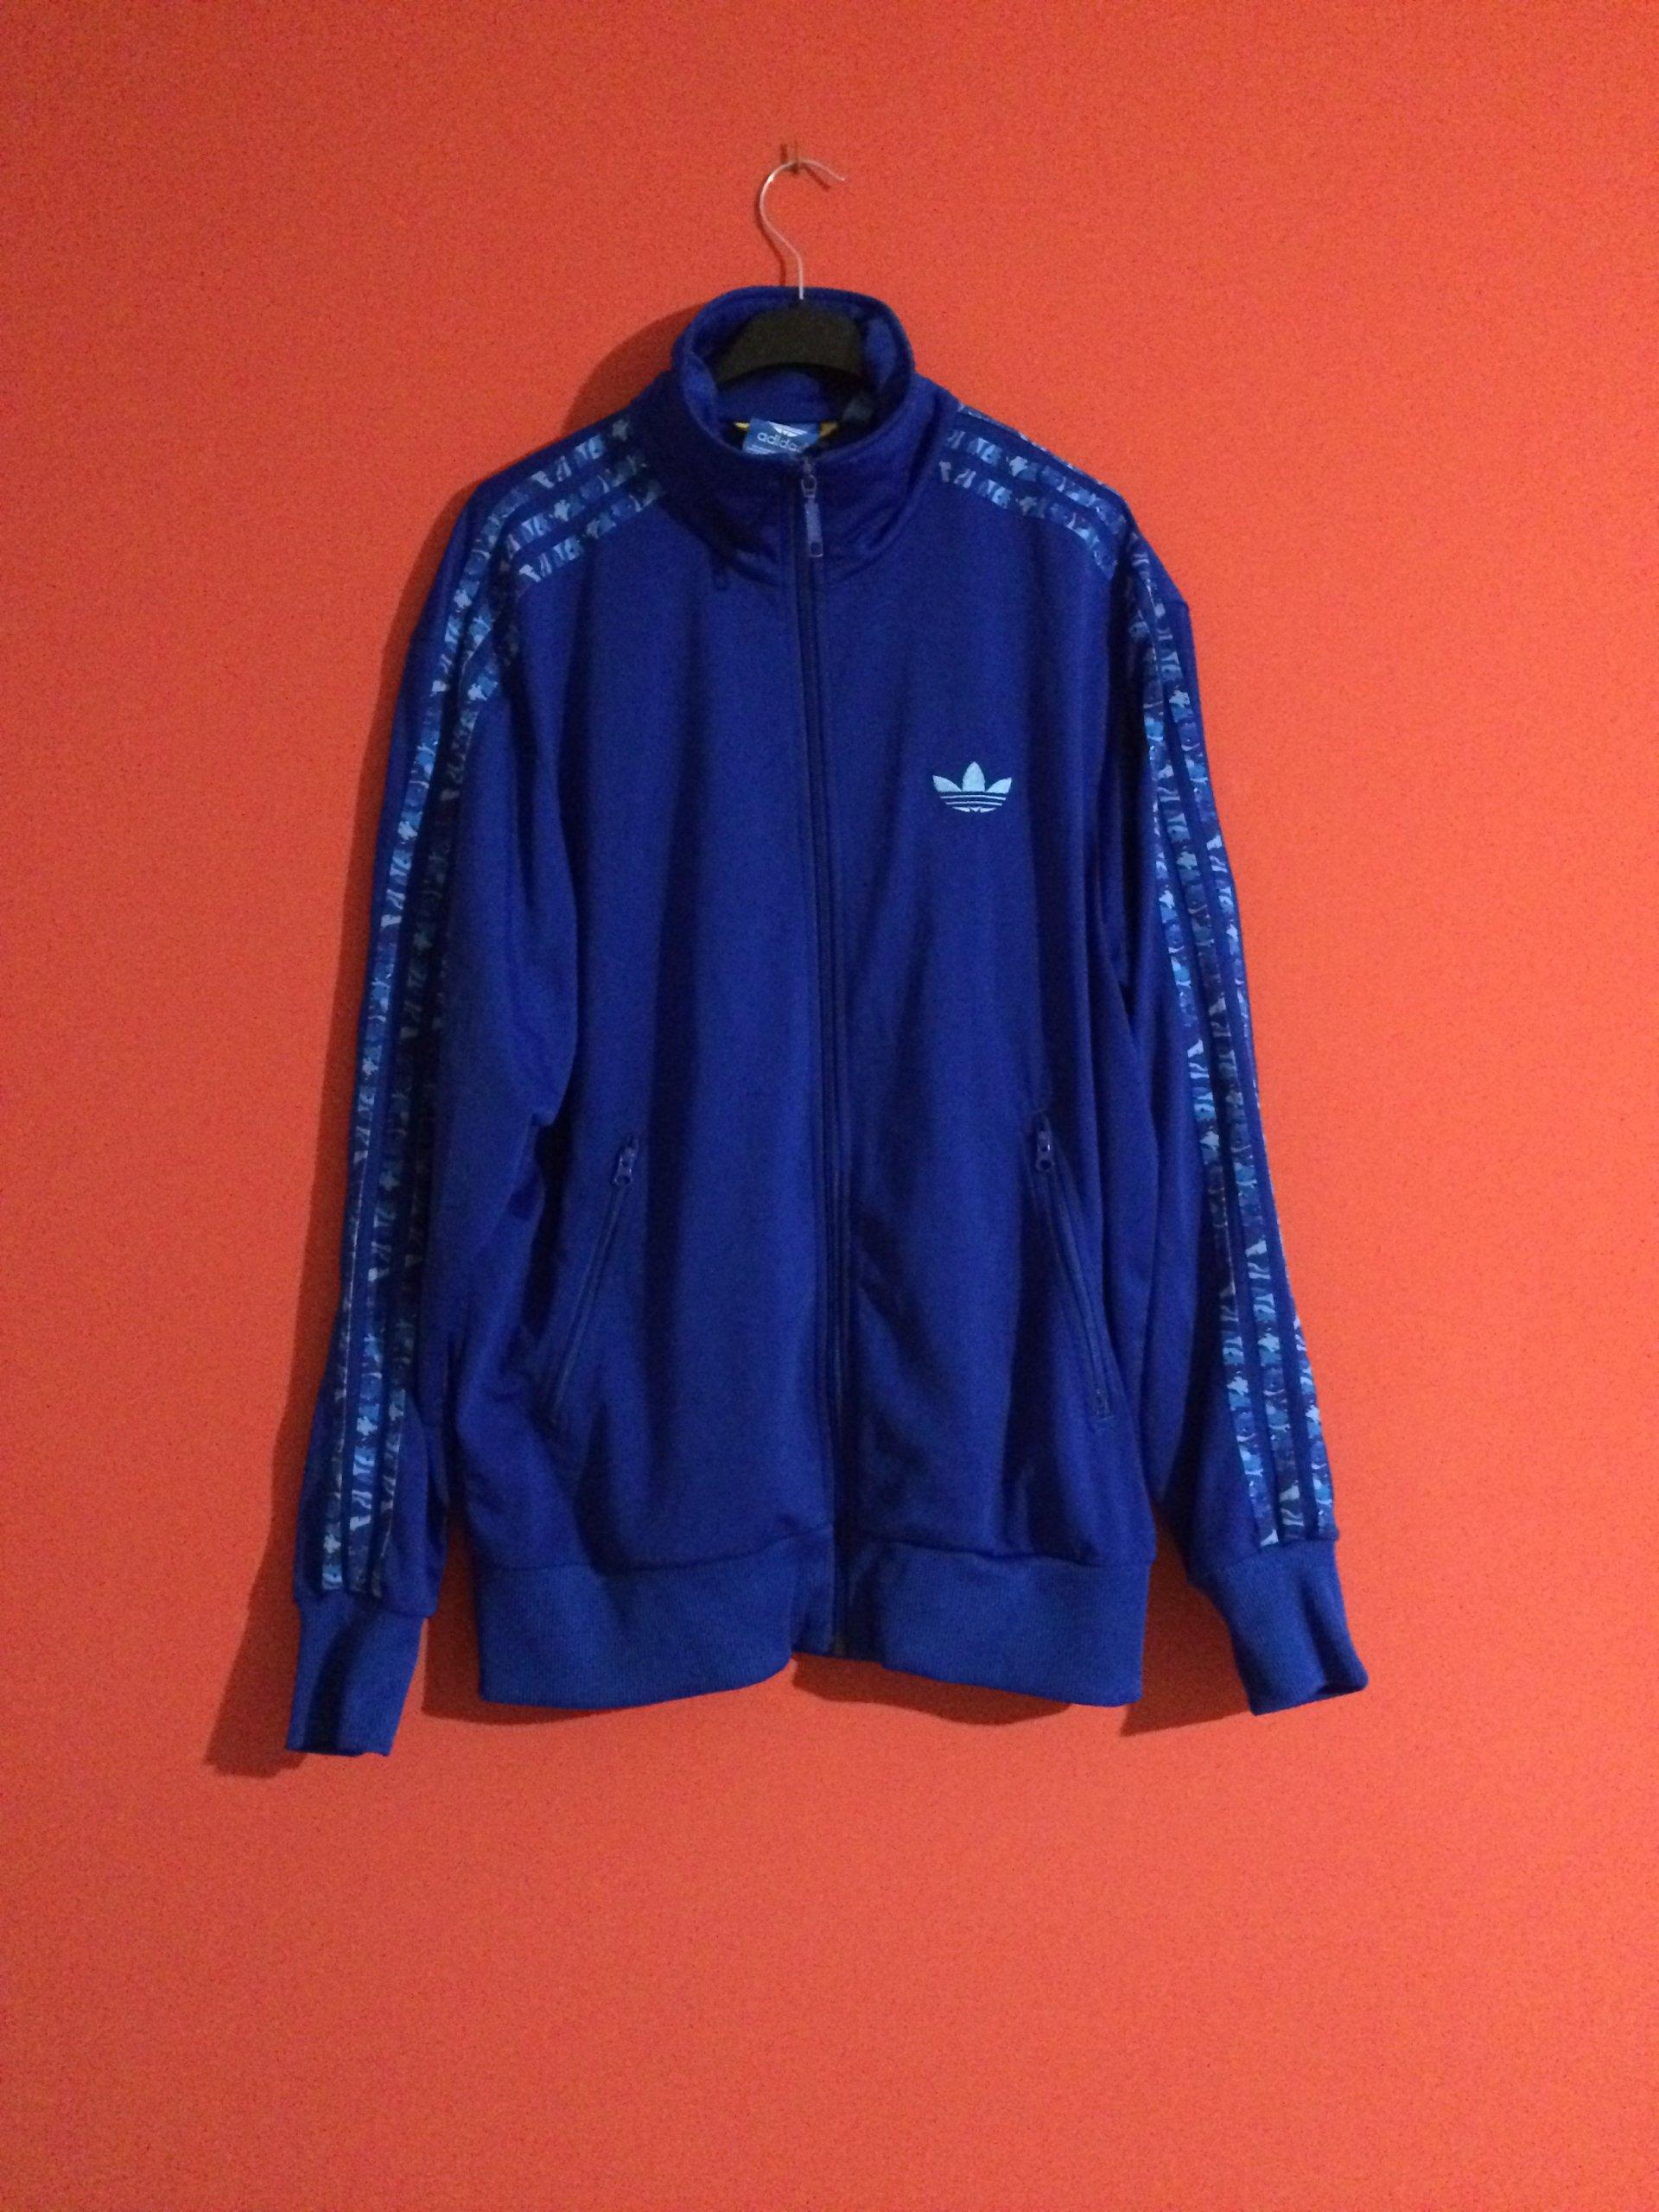 bluza czerwona moro niebieska adidas